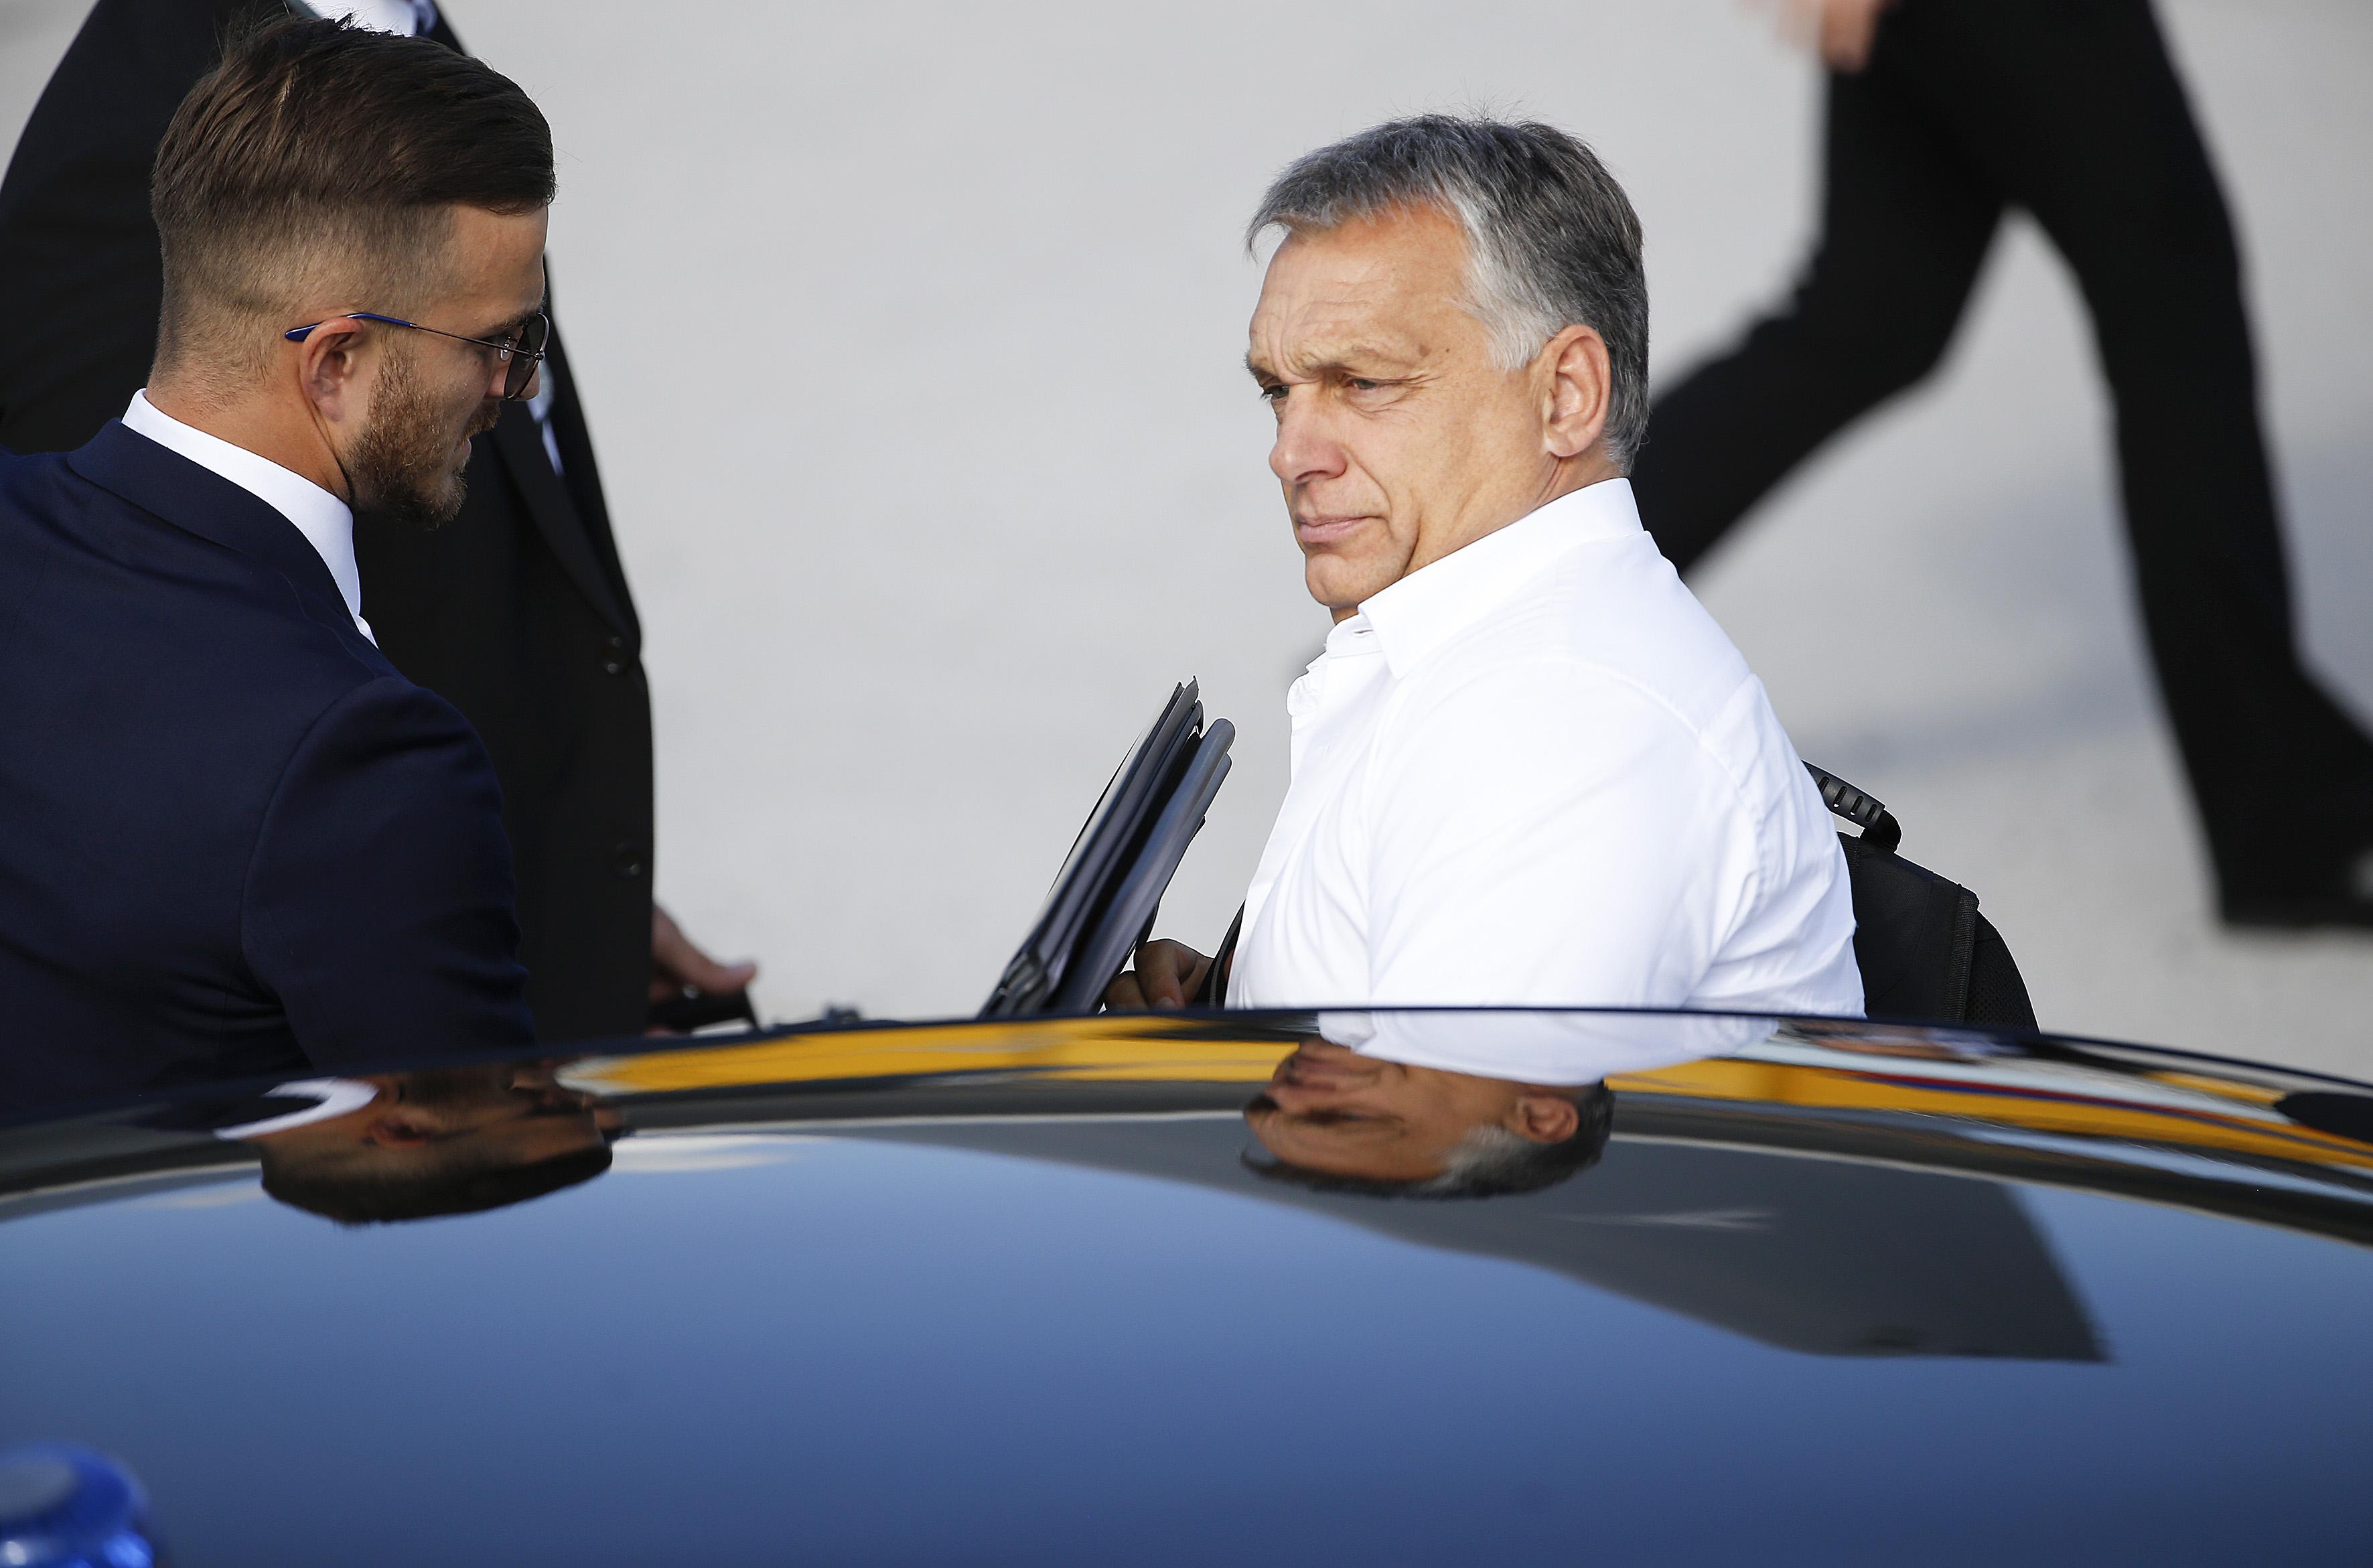 Csak 36 százalék szerint váltható le az Orbán-kormány demokratikus választásokon, 49 százalék szerint nem